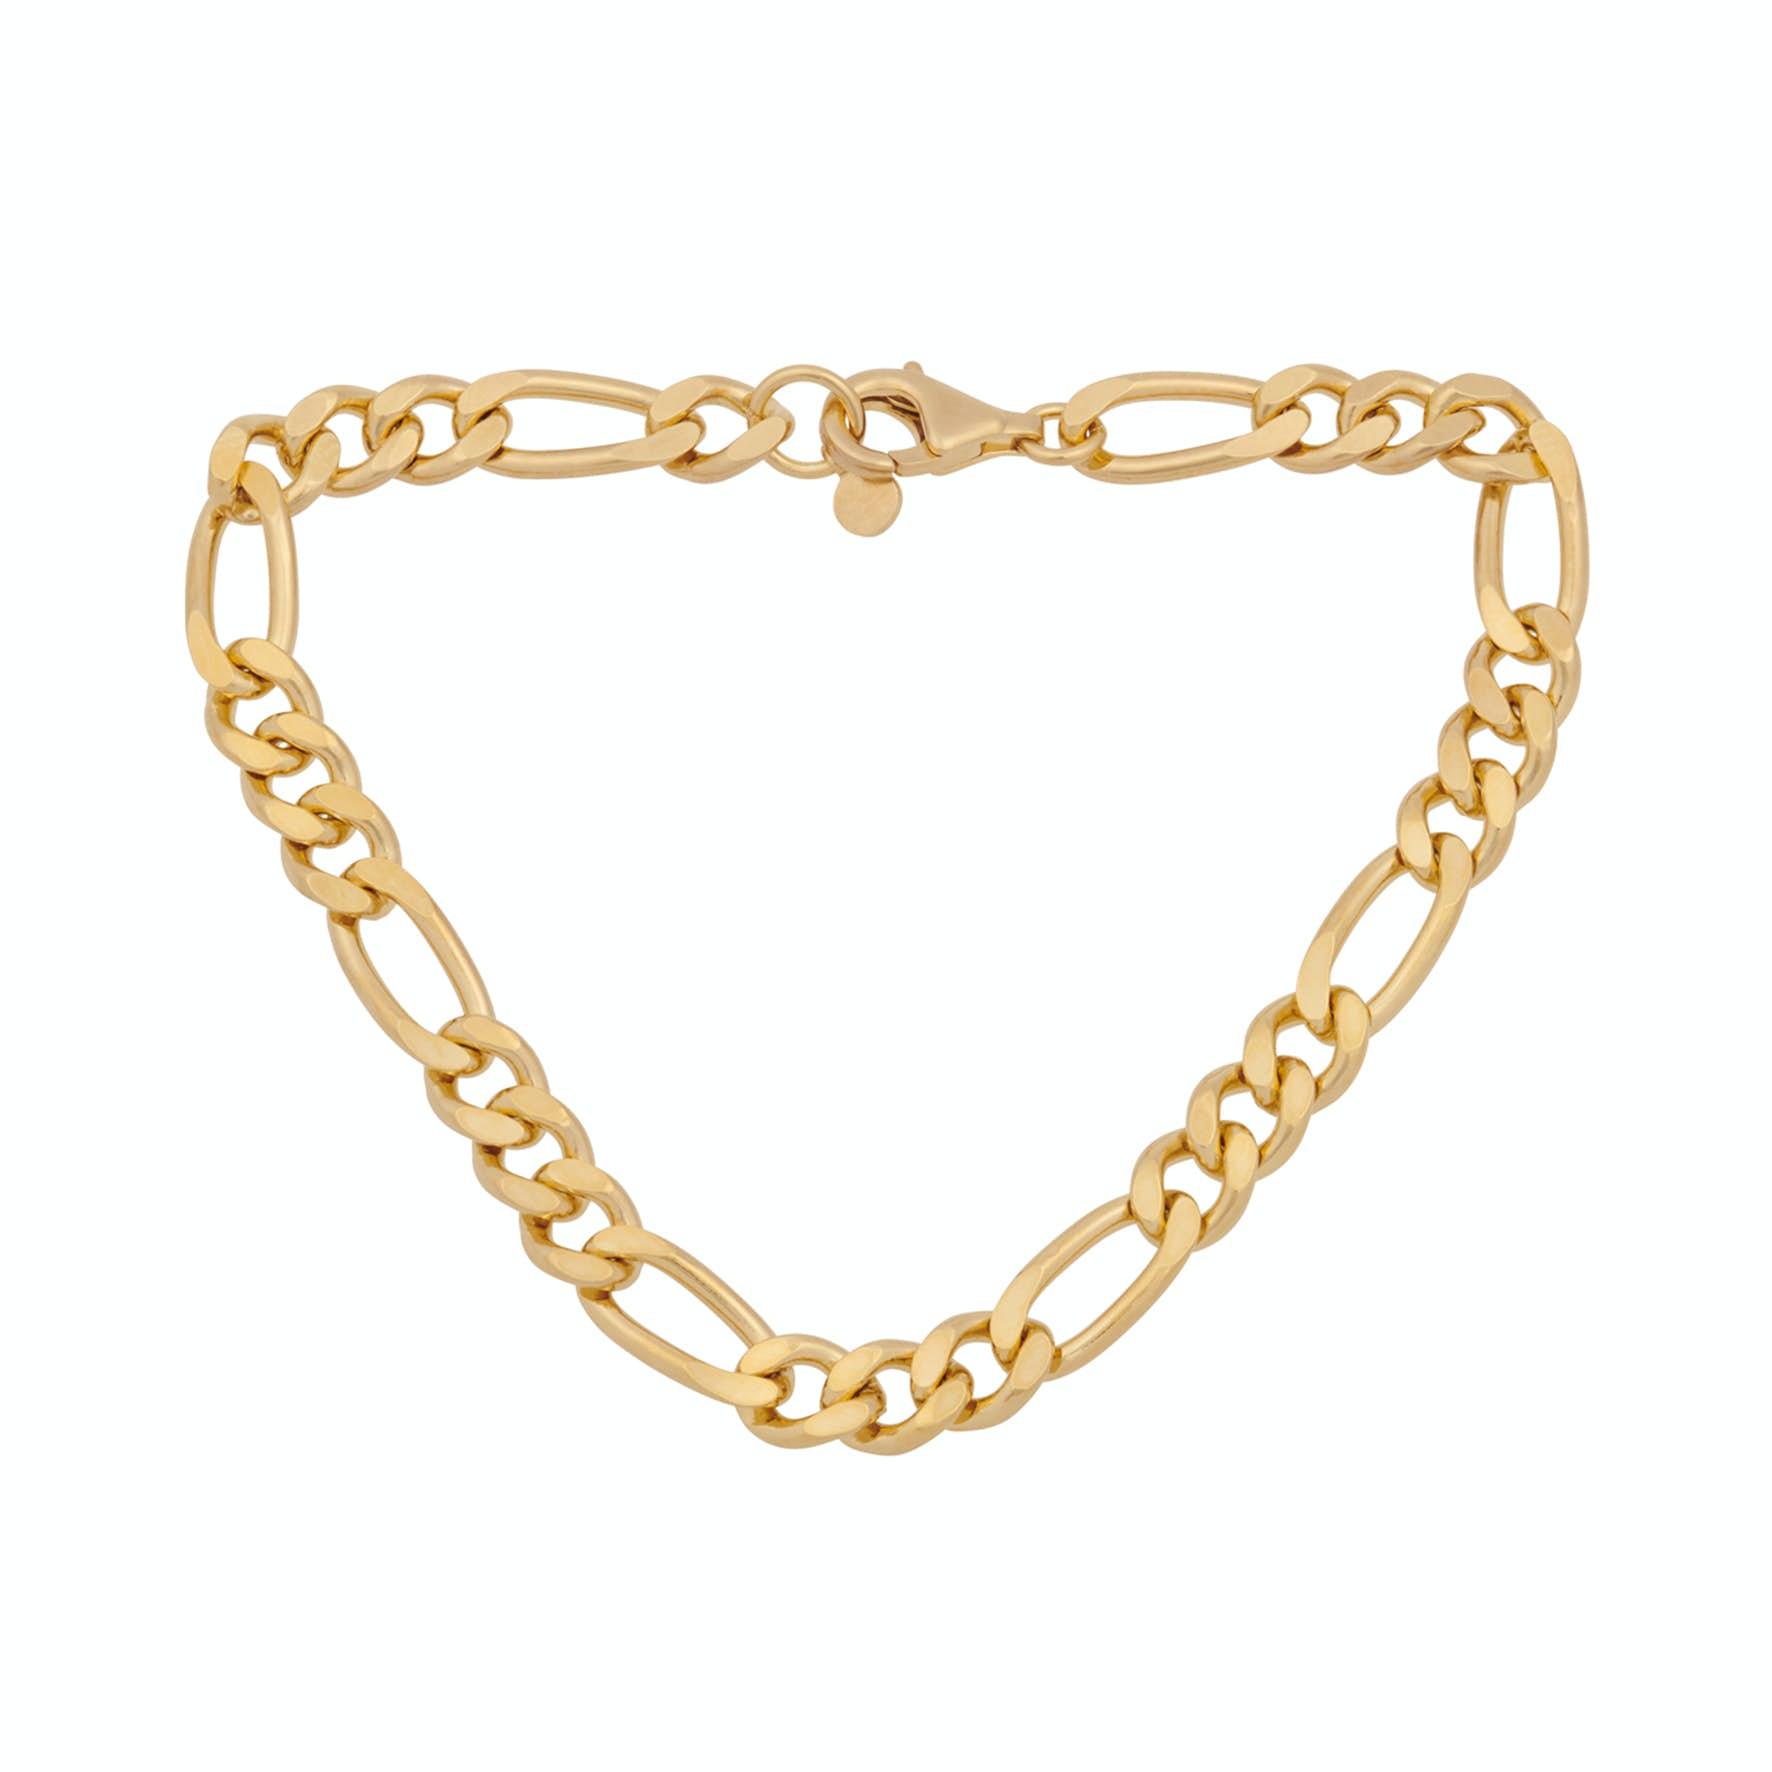 Element Bracelet von Pernille Corydon in Vergoldet-Silber Sterling 925